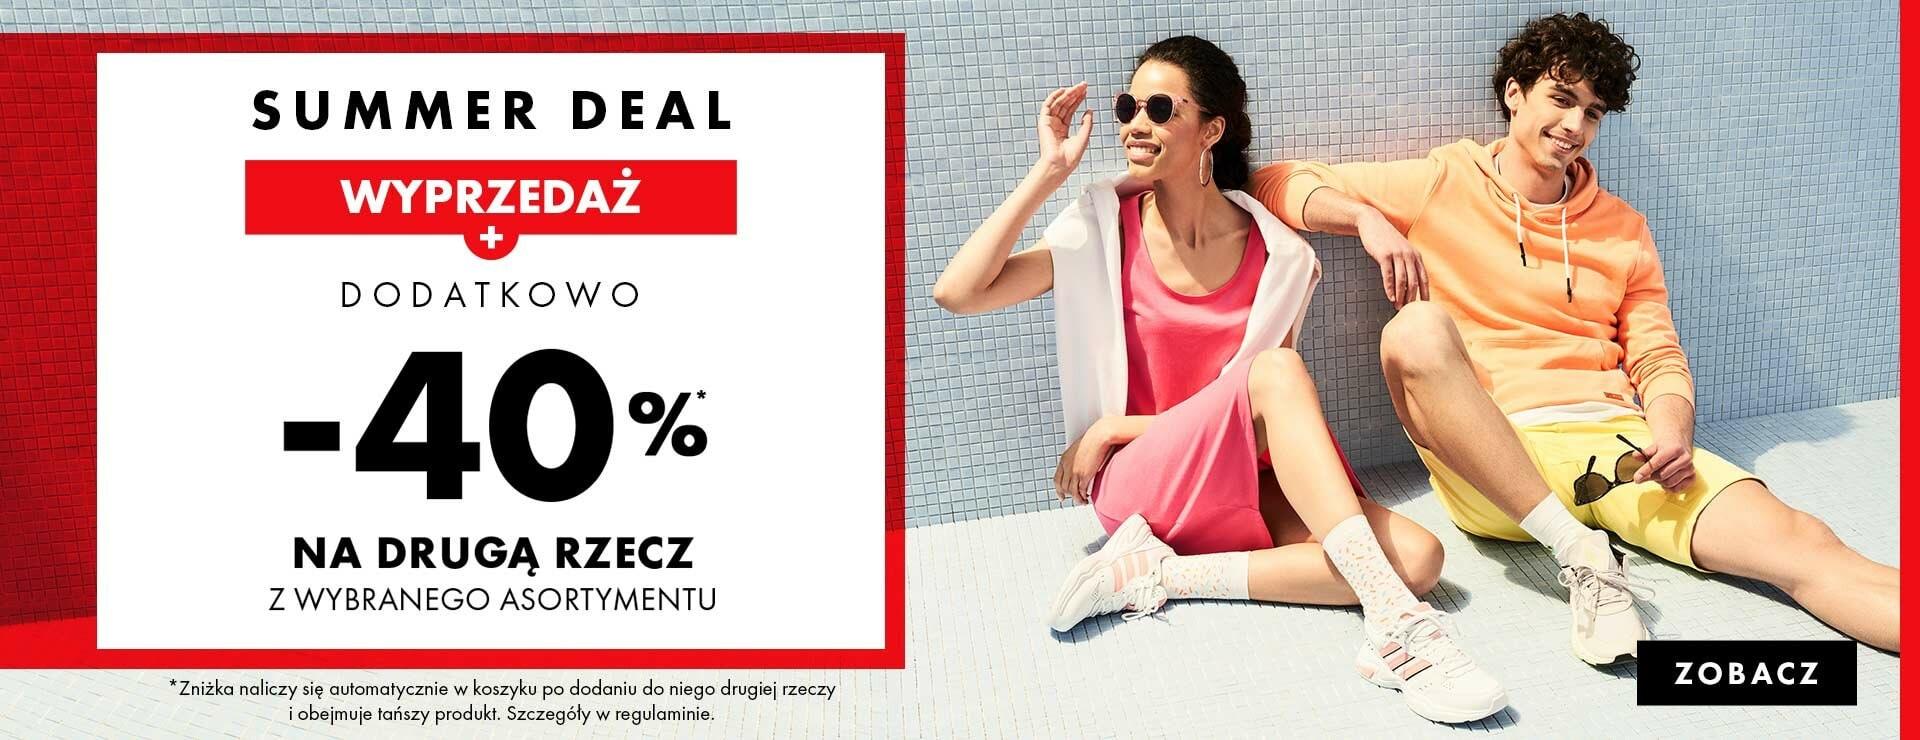 50Style: wyprzedaż dodatkowe 40% rabatu na drugą rzecz z wyprzedaży - odzież i buty sportowe - summer deal